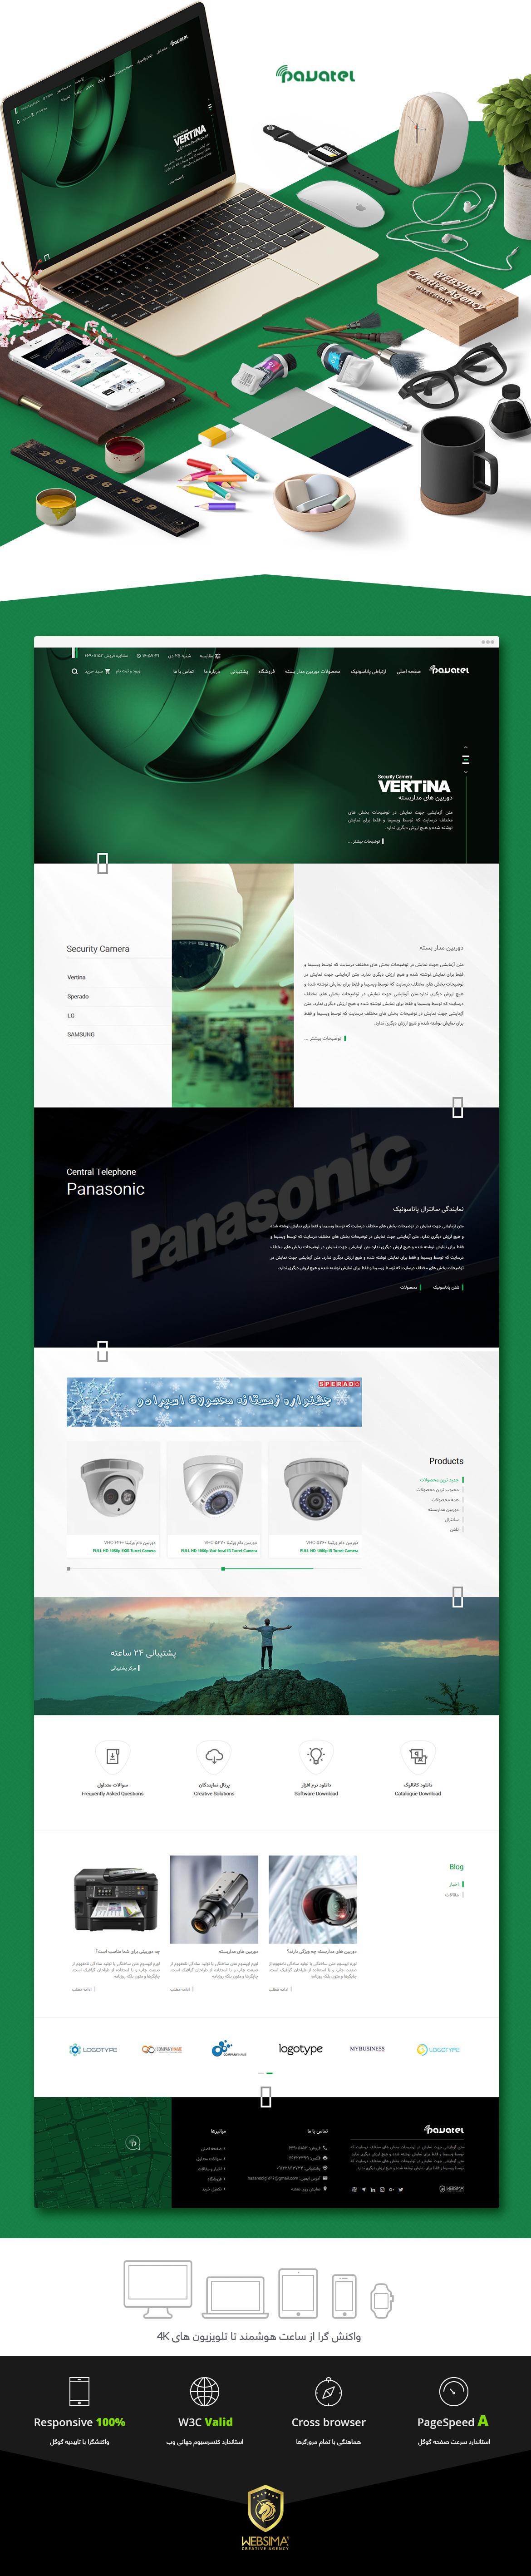 طراحی سایت شرکتی پایاتل